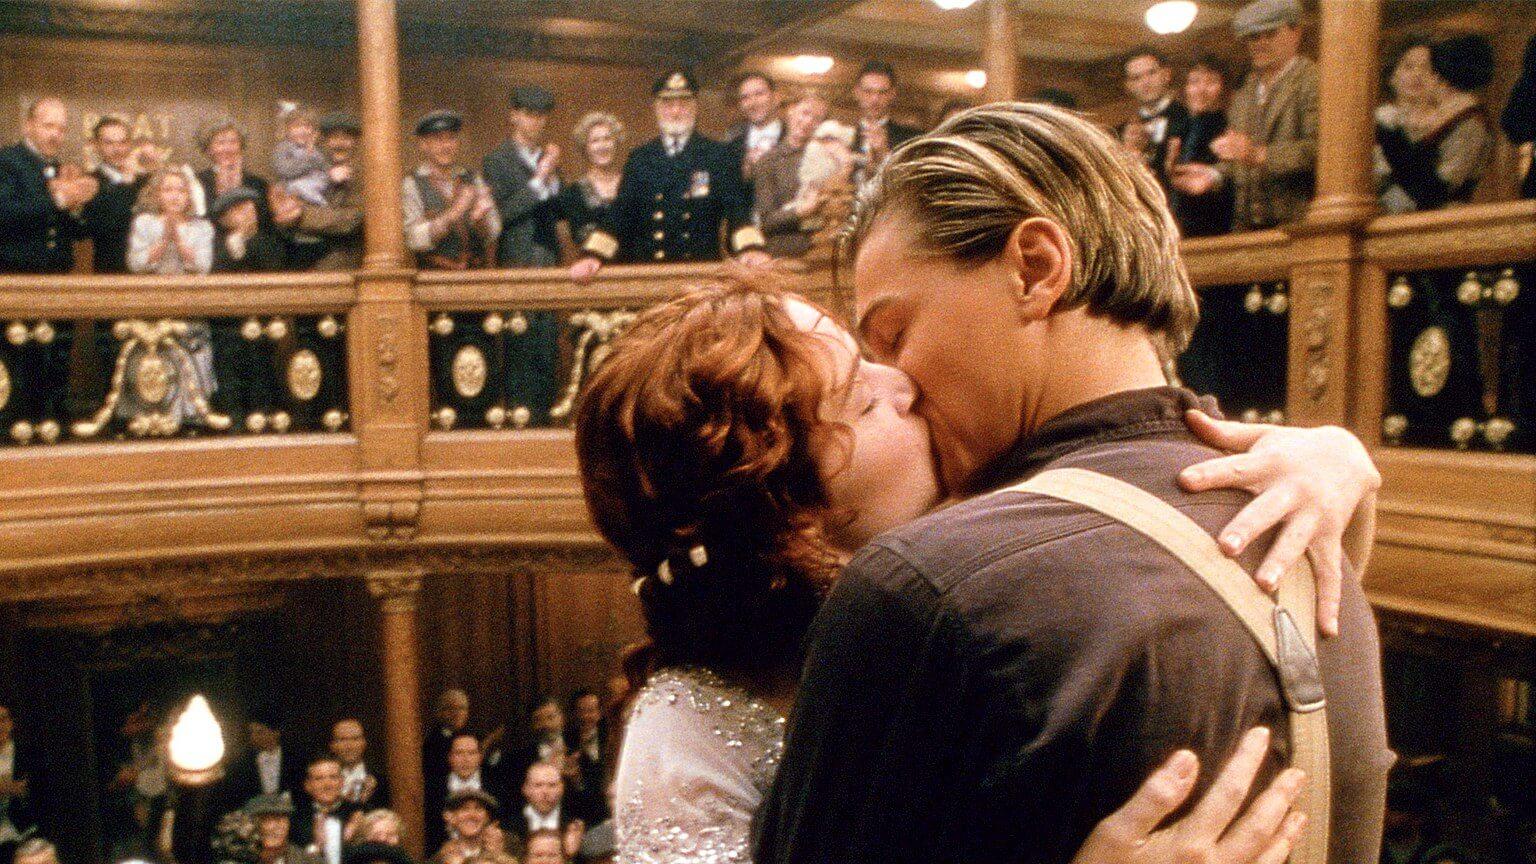 詹姆斯卡麥隆 1997 年執導電影《鐵達尼號》(Titanic) 至今仍是影史經典。